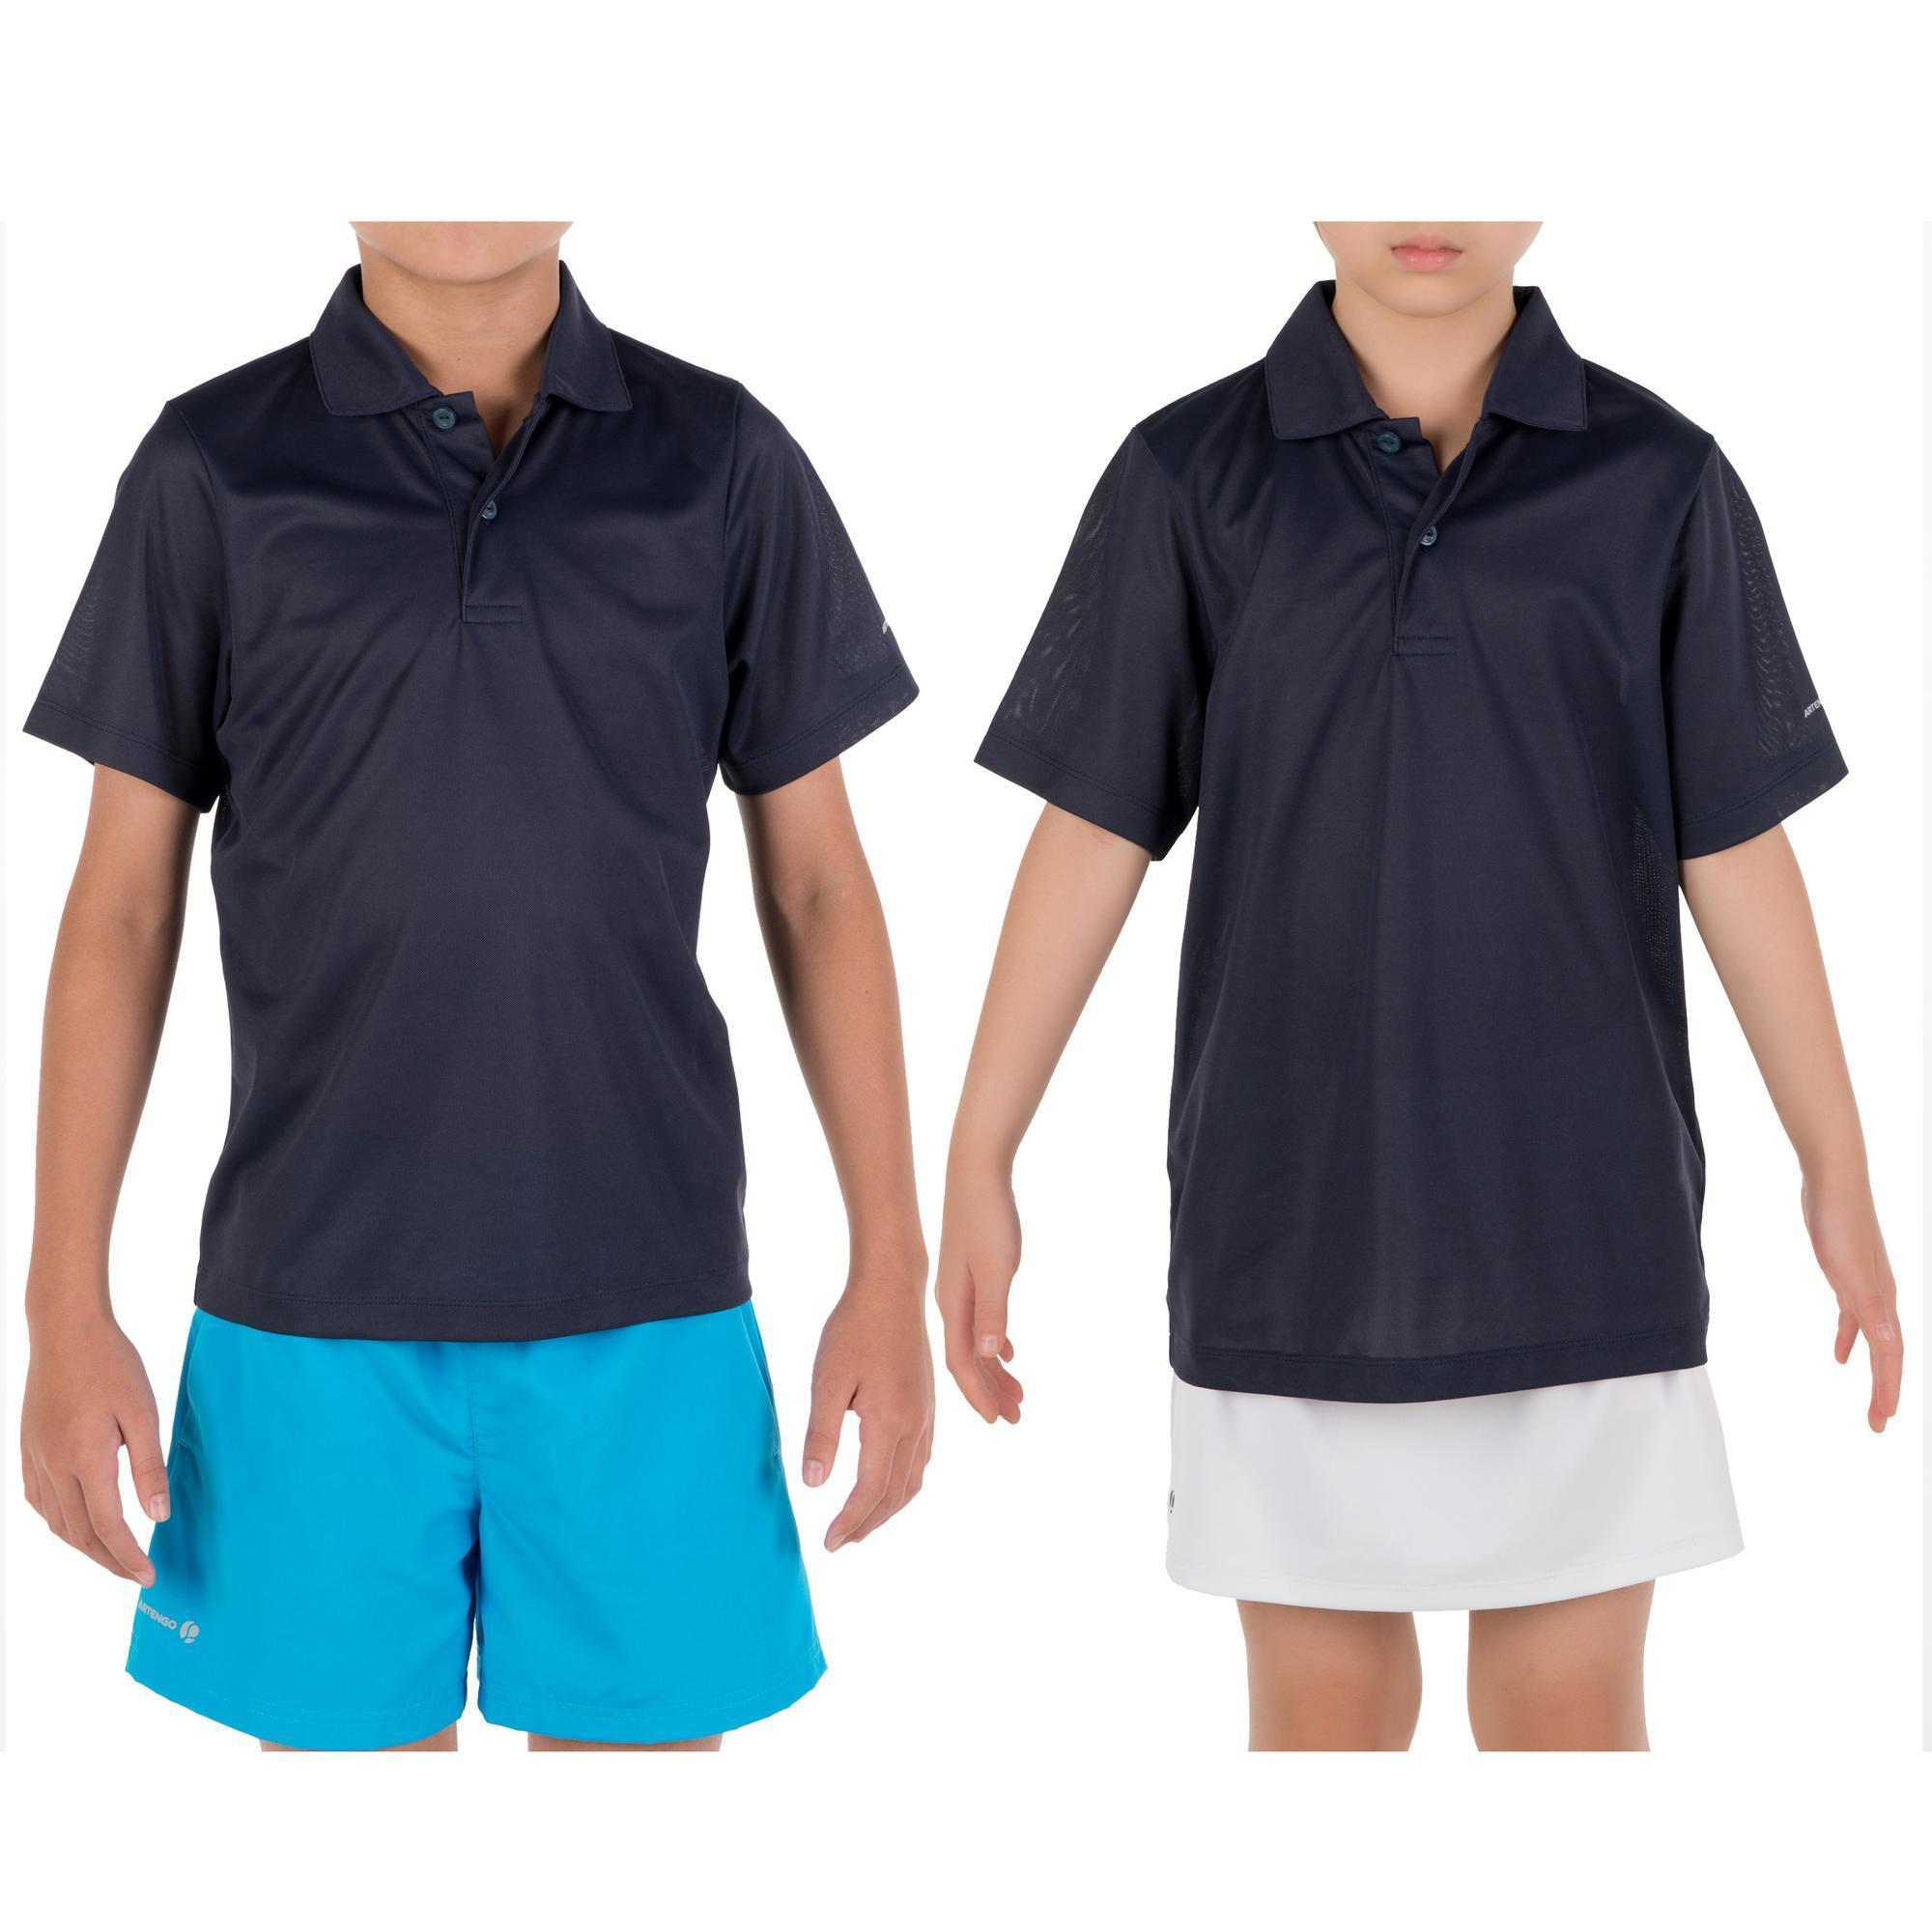 db74f775eae Comprar Ropa de tenis para niño y niña online